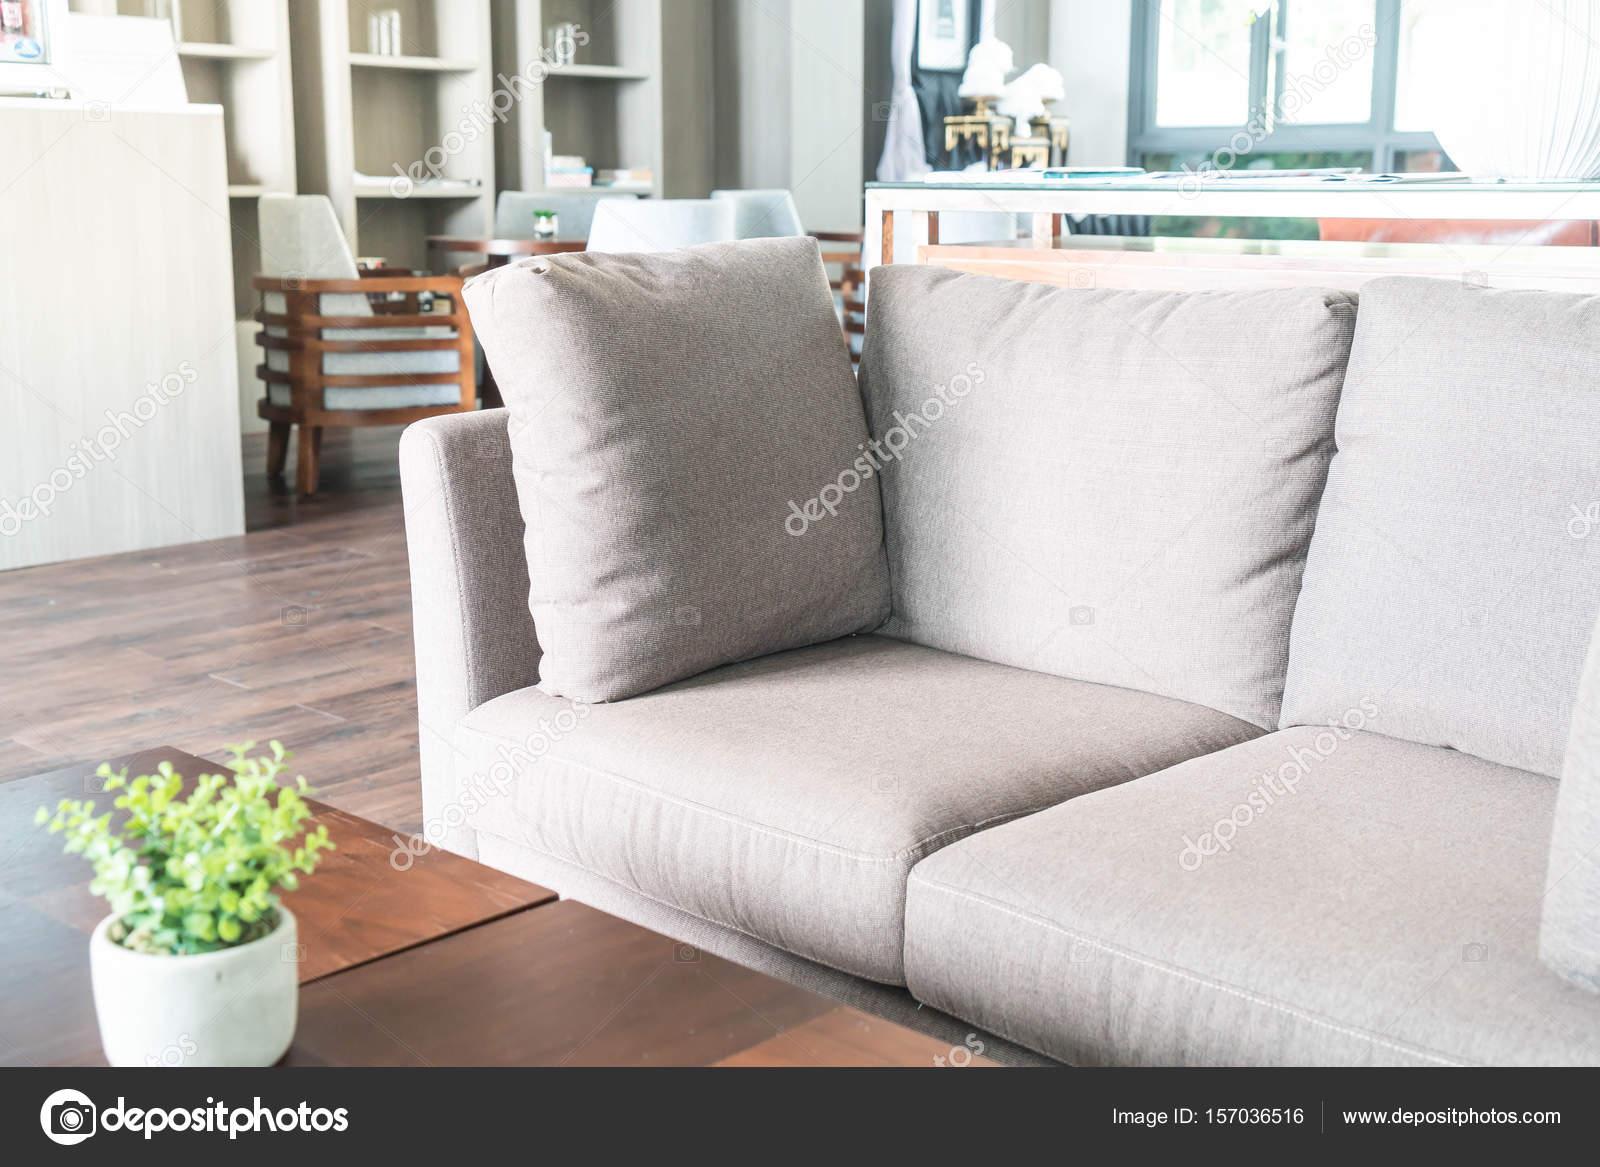 Schöne Luxus Kissen Auf Sofa Dekoration Im Wohnzimmer U2014 Stockfoto